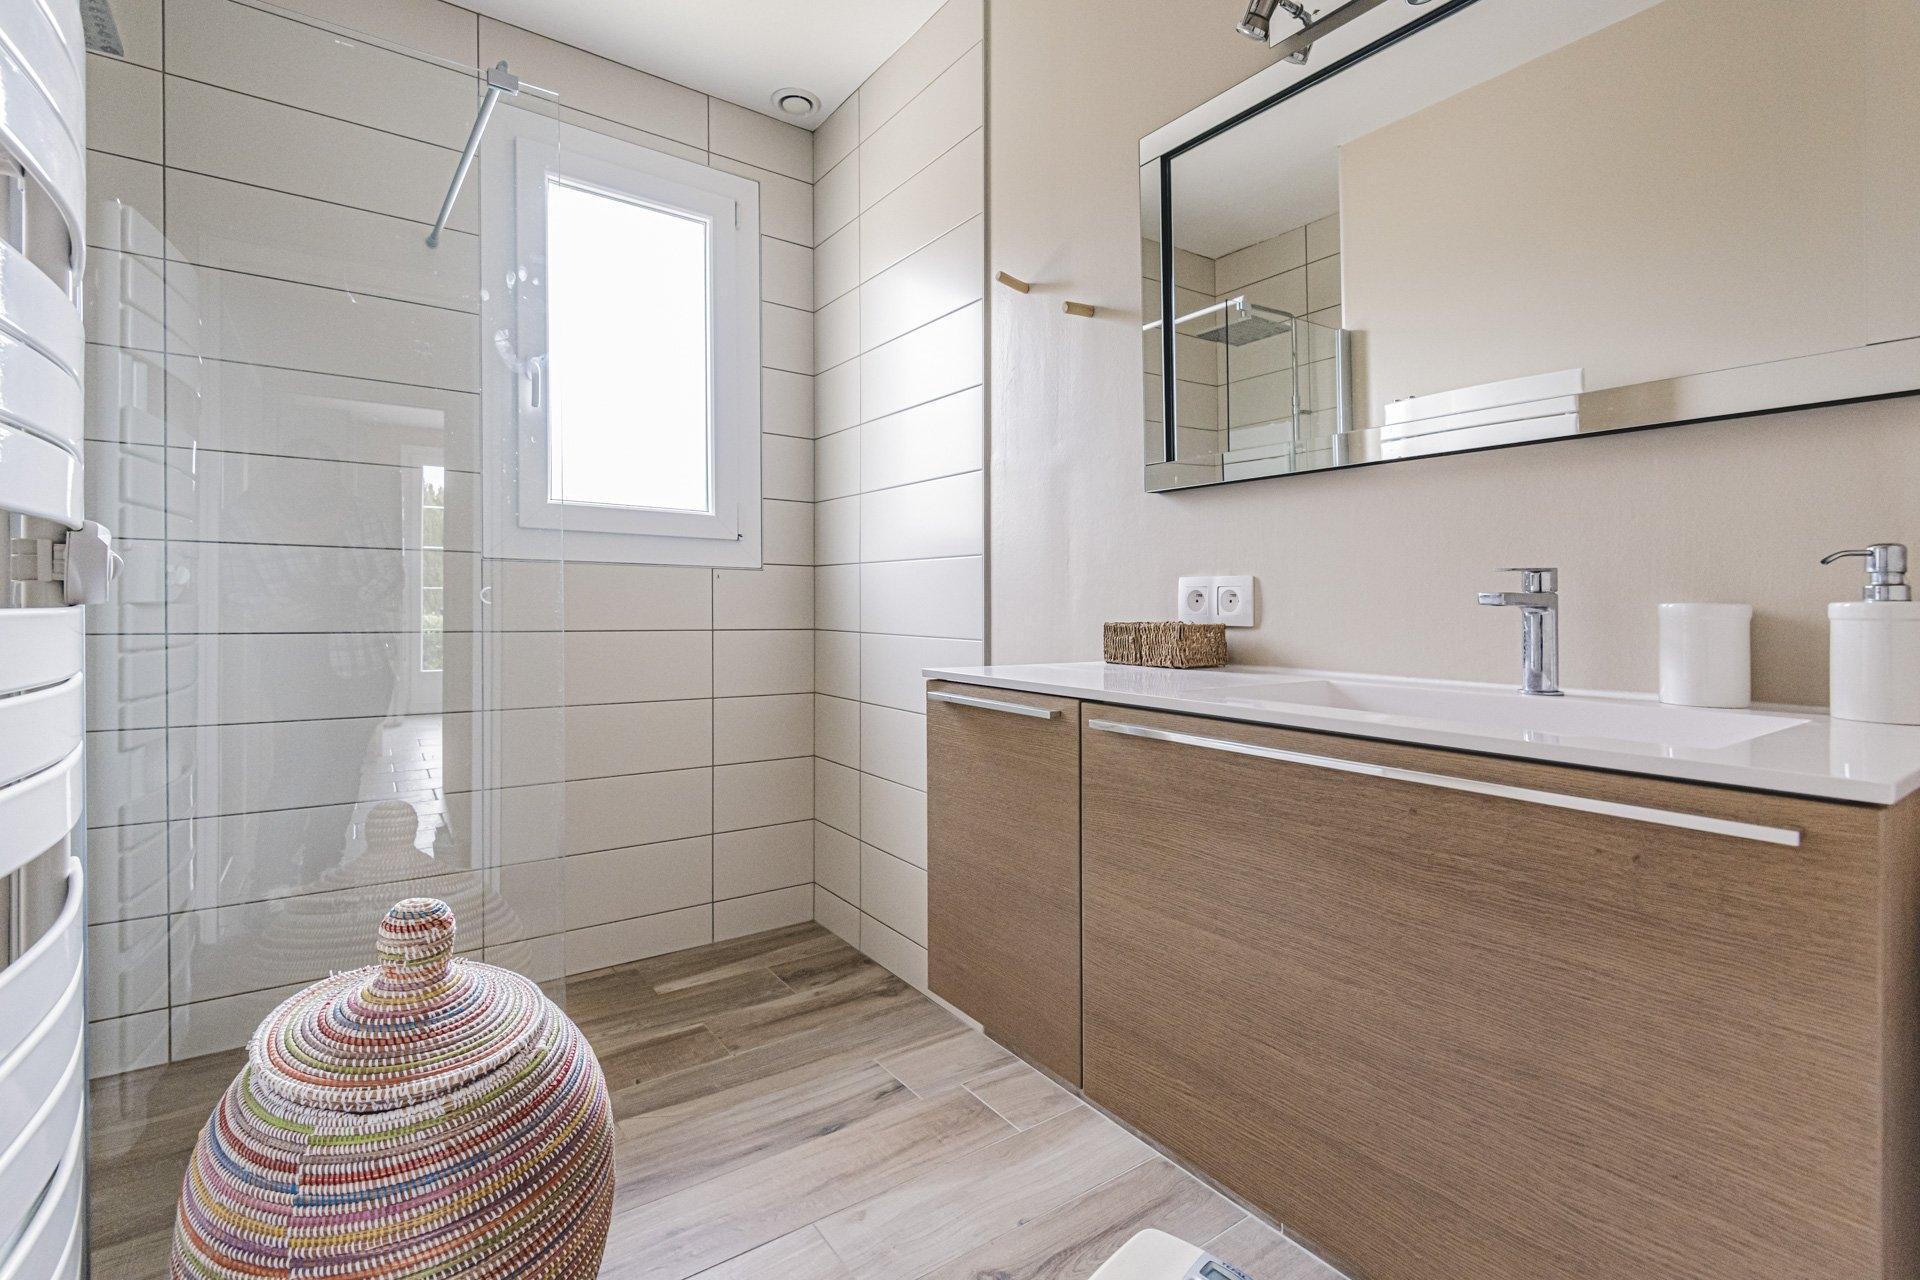 Maison Bouleuse 6 Pièces 140 m2 - 9